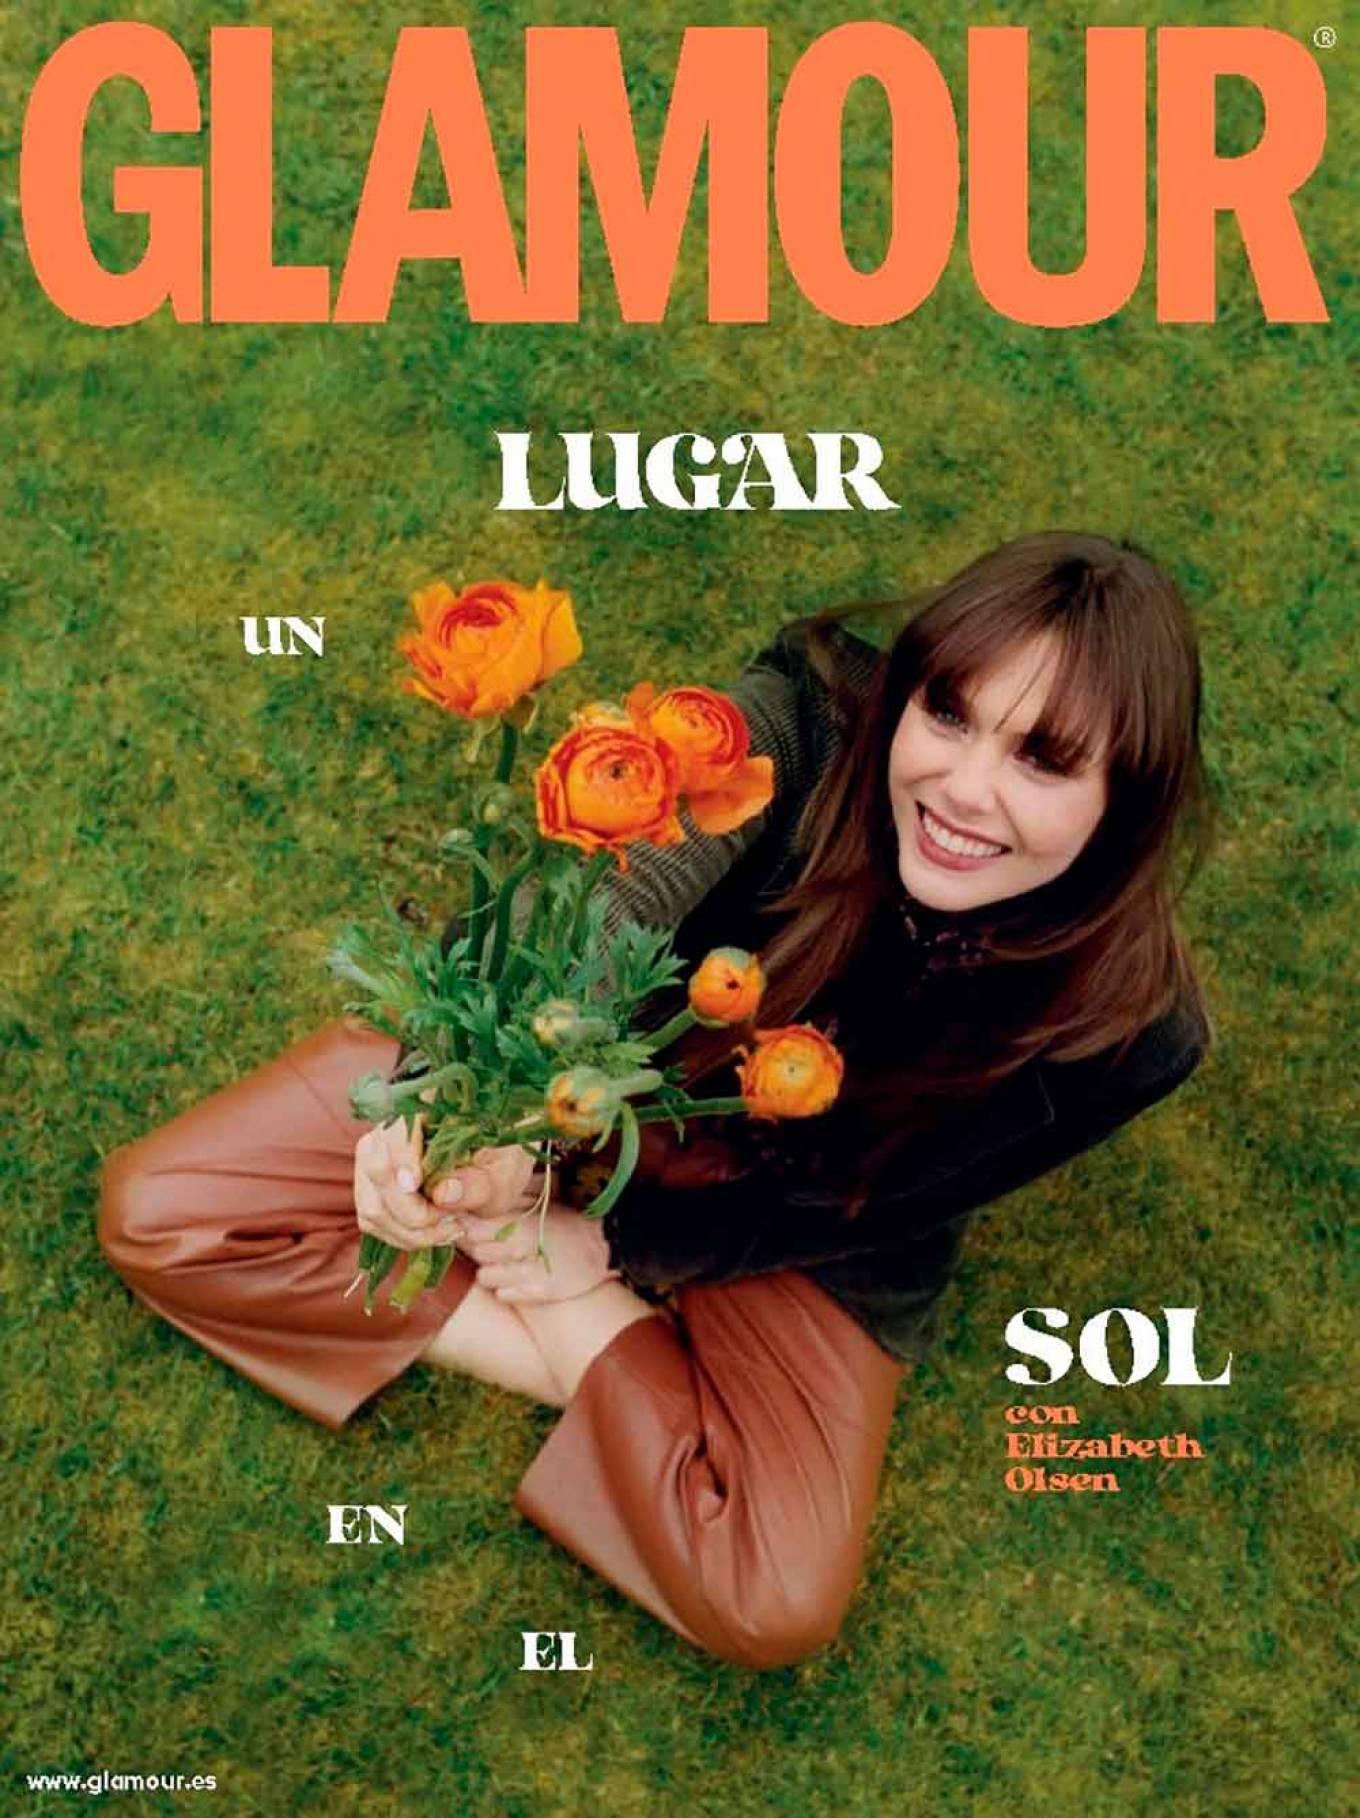 Elizabeth Olsen 2021 : Elizabeth Olsen – Glamour (Spain – June 2021)-02